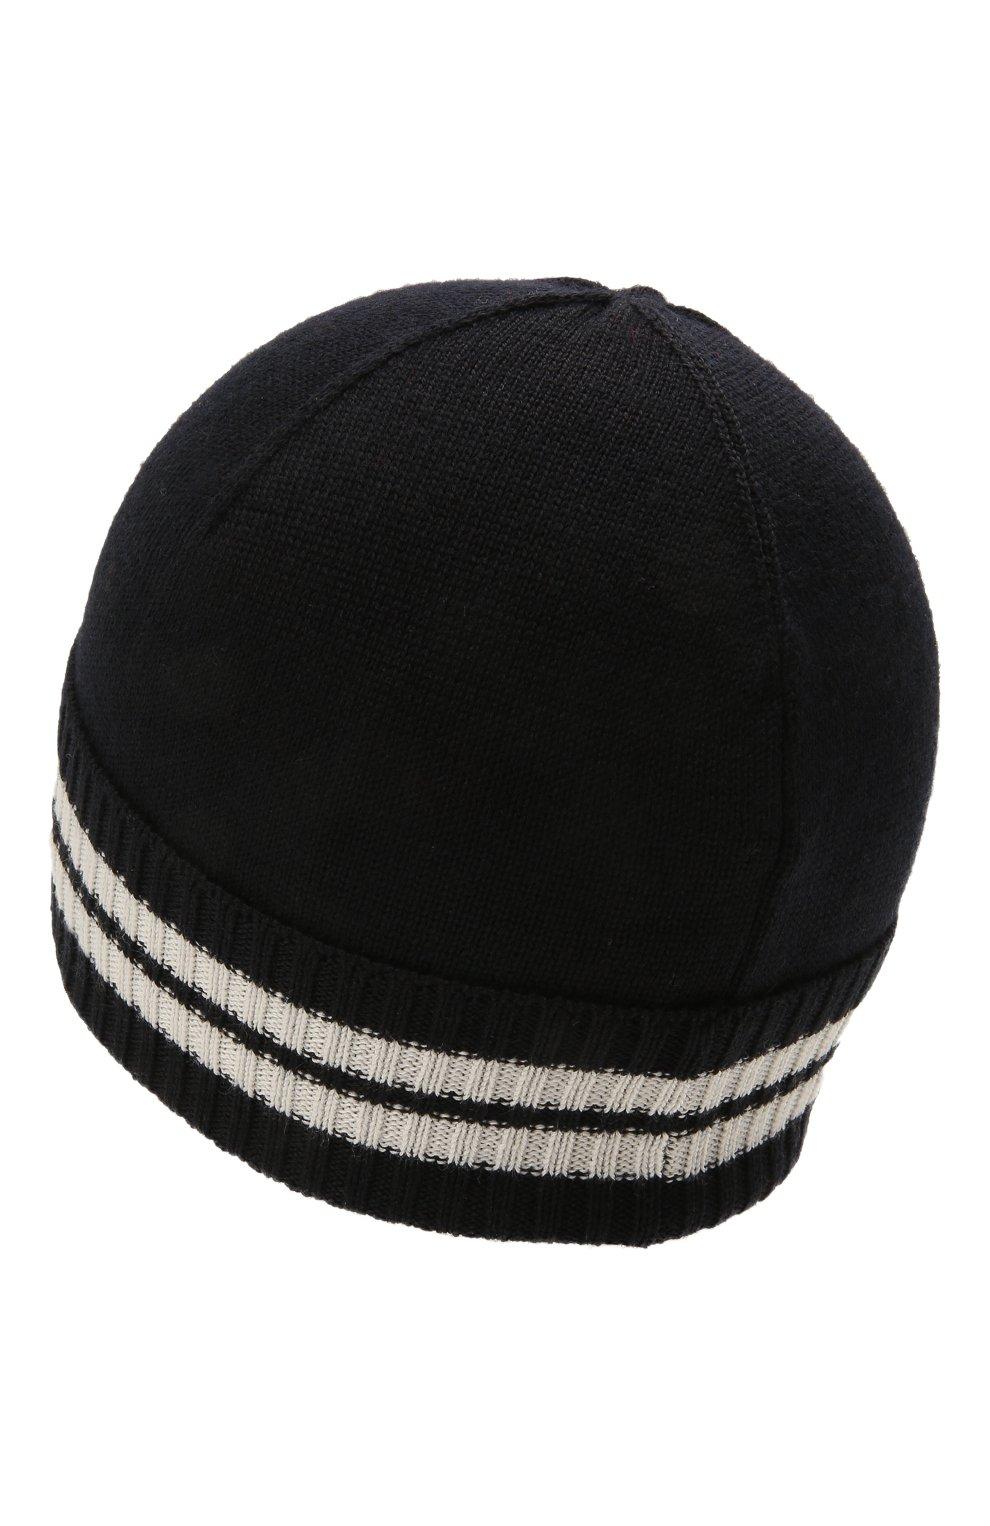 Детского шапка MONCLER темно-синего цвета, арт. G2-954-9Z734-20-A9630   Фото 2 (Материал: Текстиль, Шерсть, Синтетический материал)